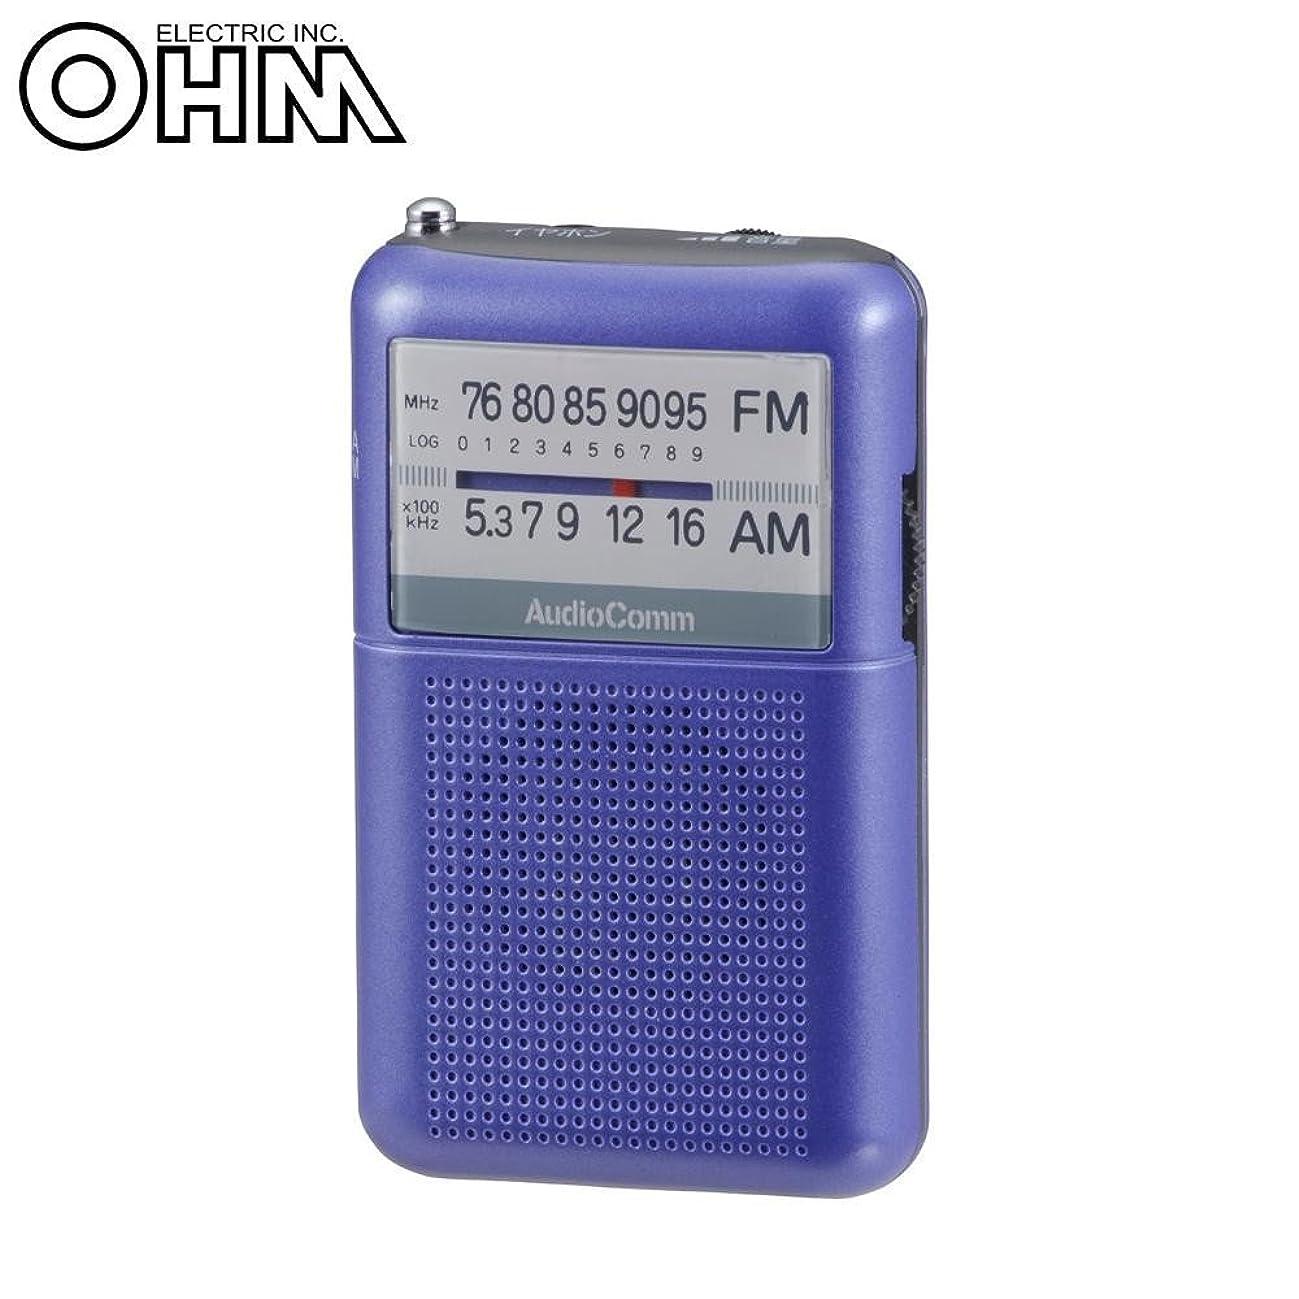 識字スワップ斧OHM AudioComm AM/FMポケットラジオ ブルー RAD-P122N-A